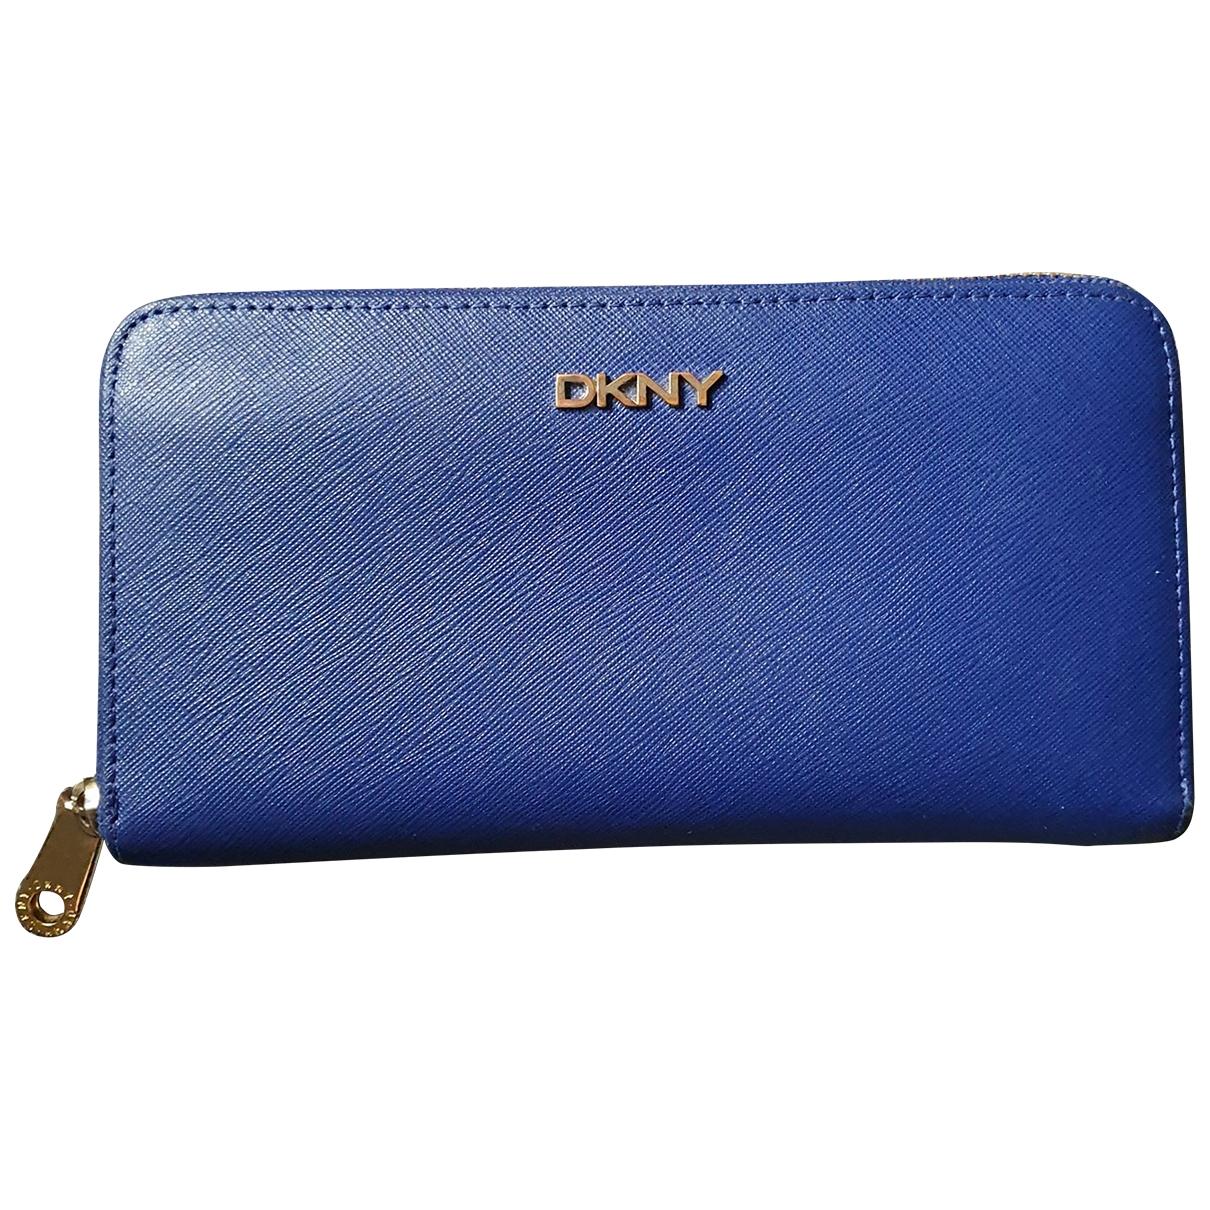 Dkny - Portefeuille   pour femme en cuir - bleu